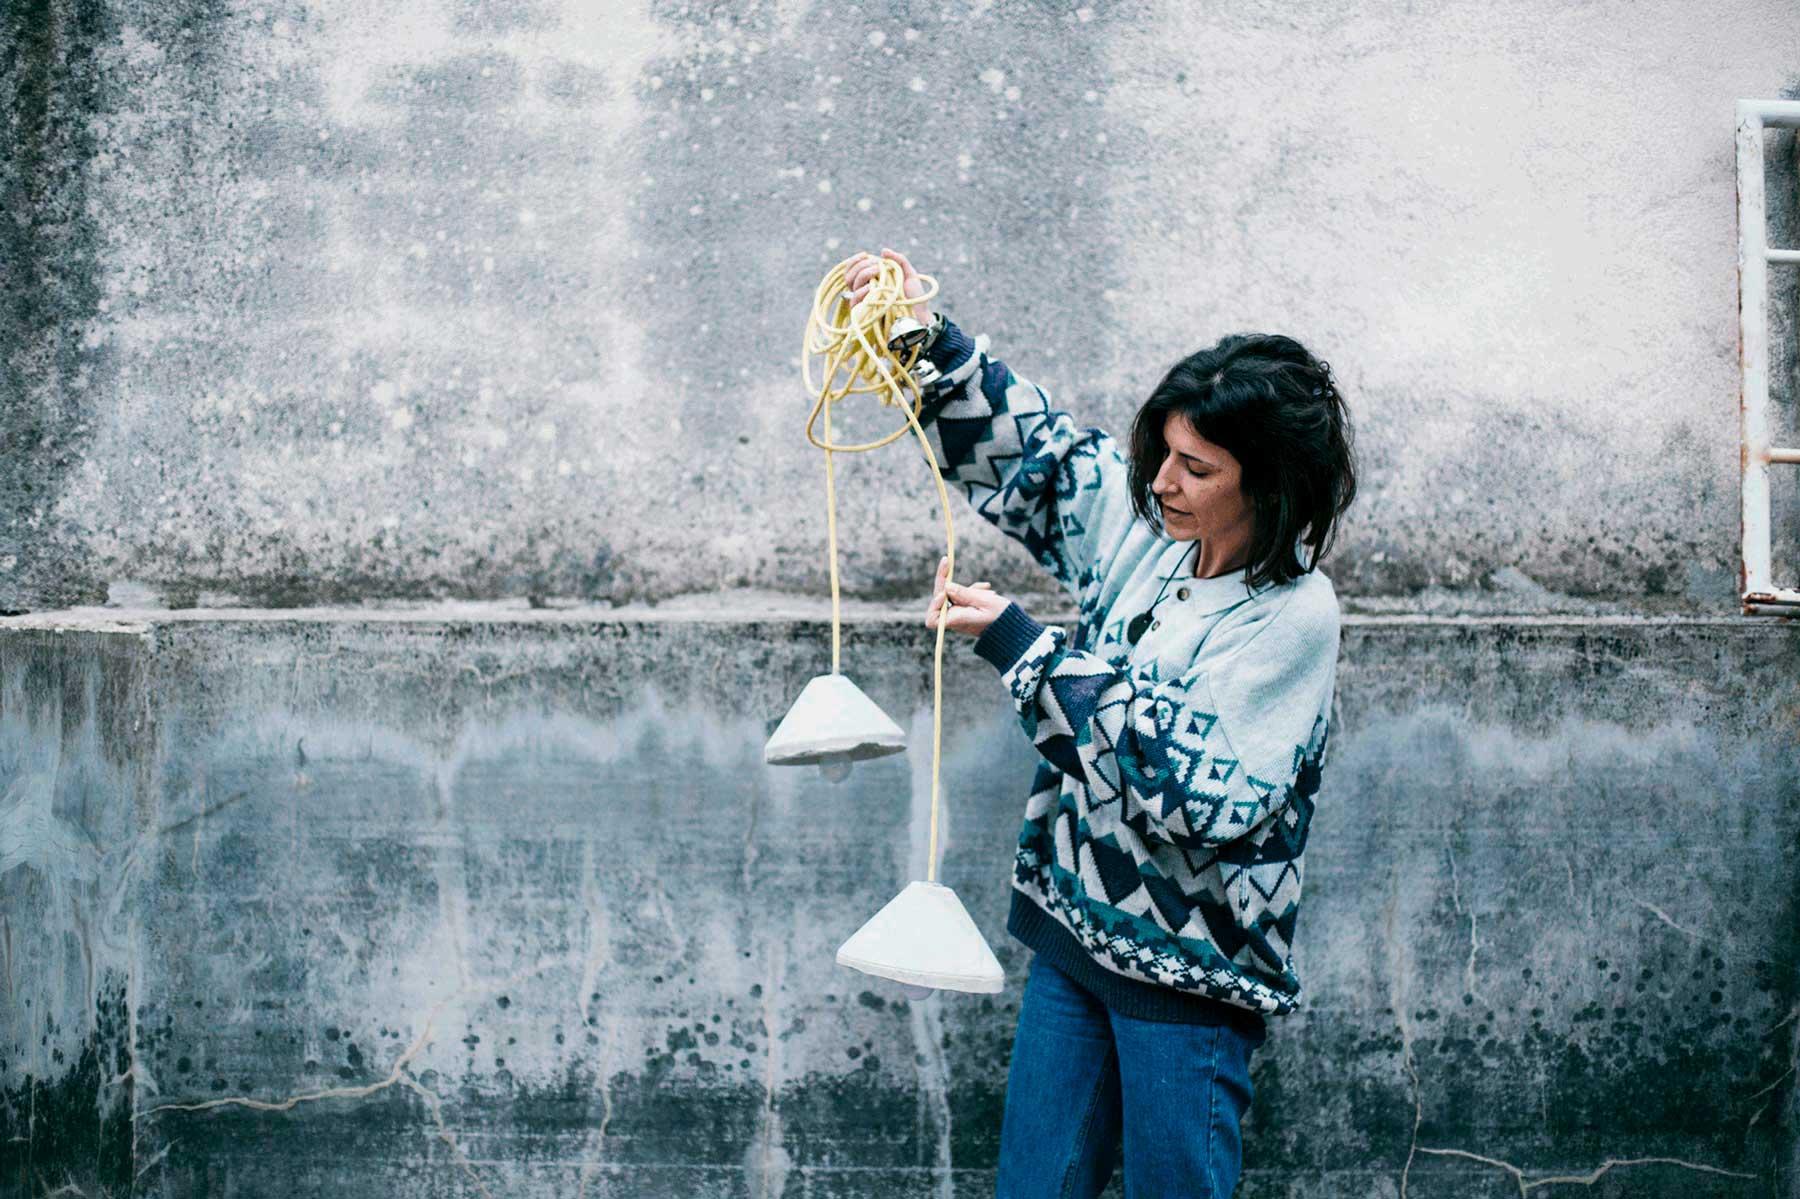 muestra del diseño de lampara de cenizas